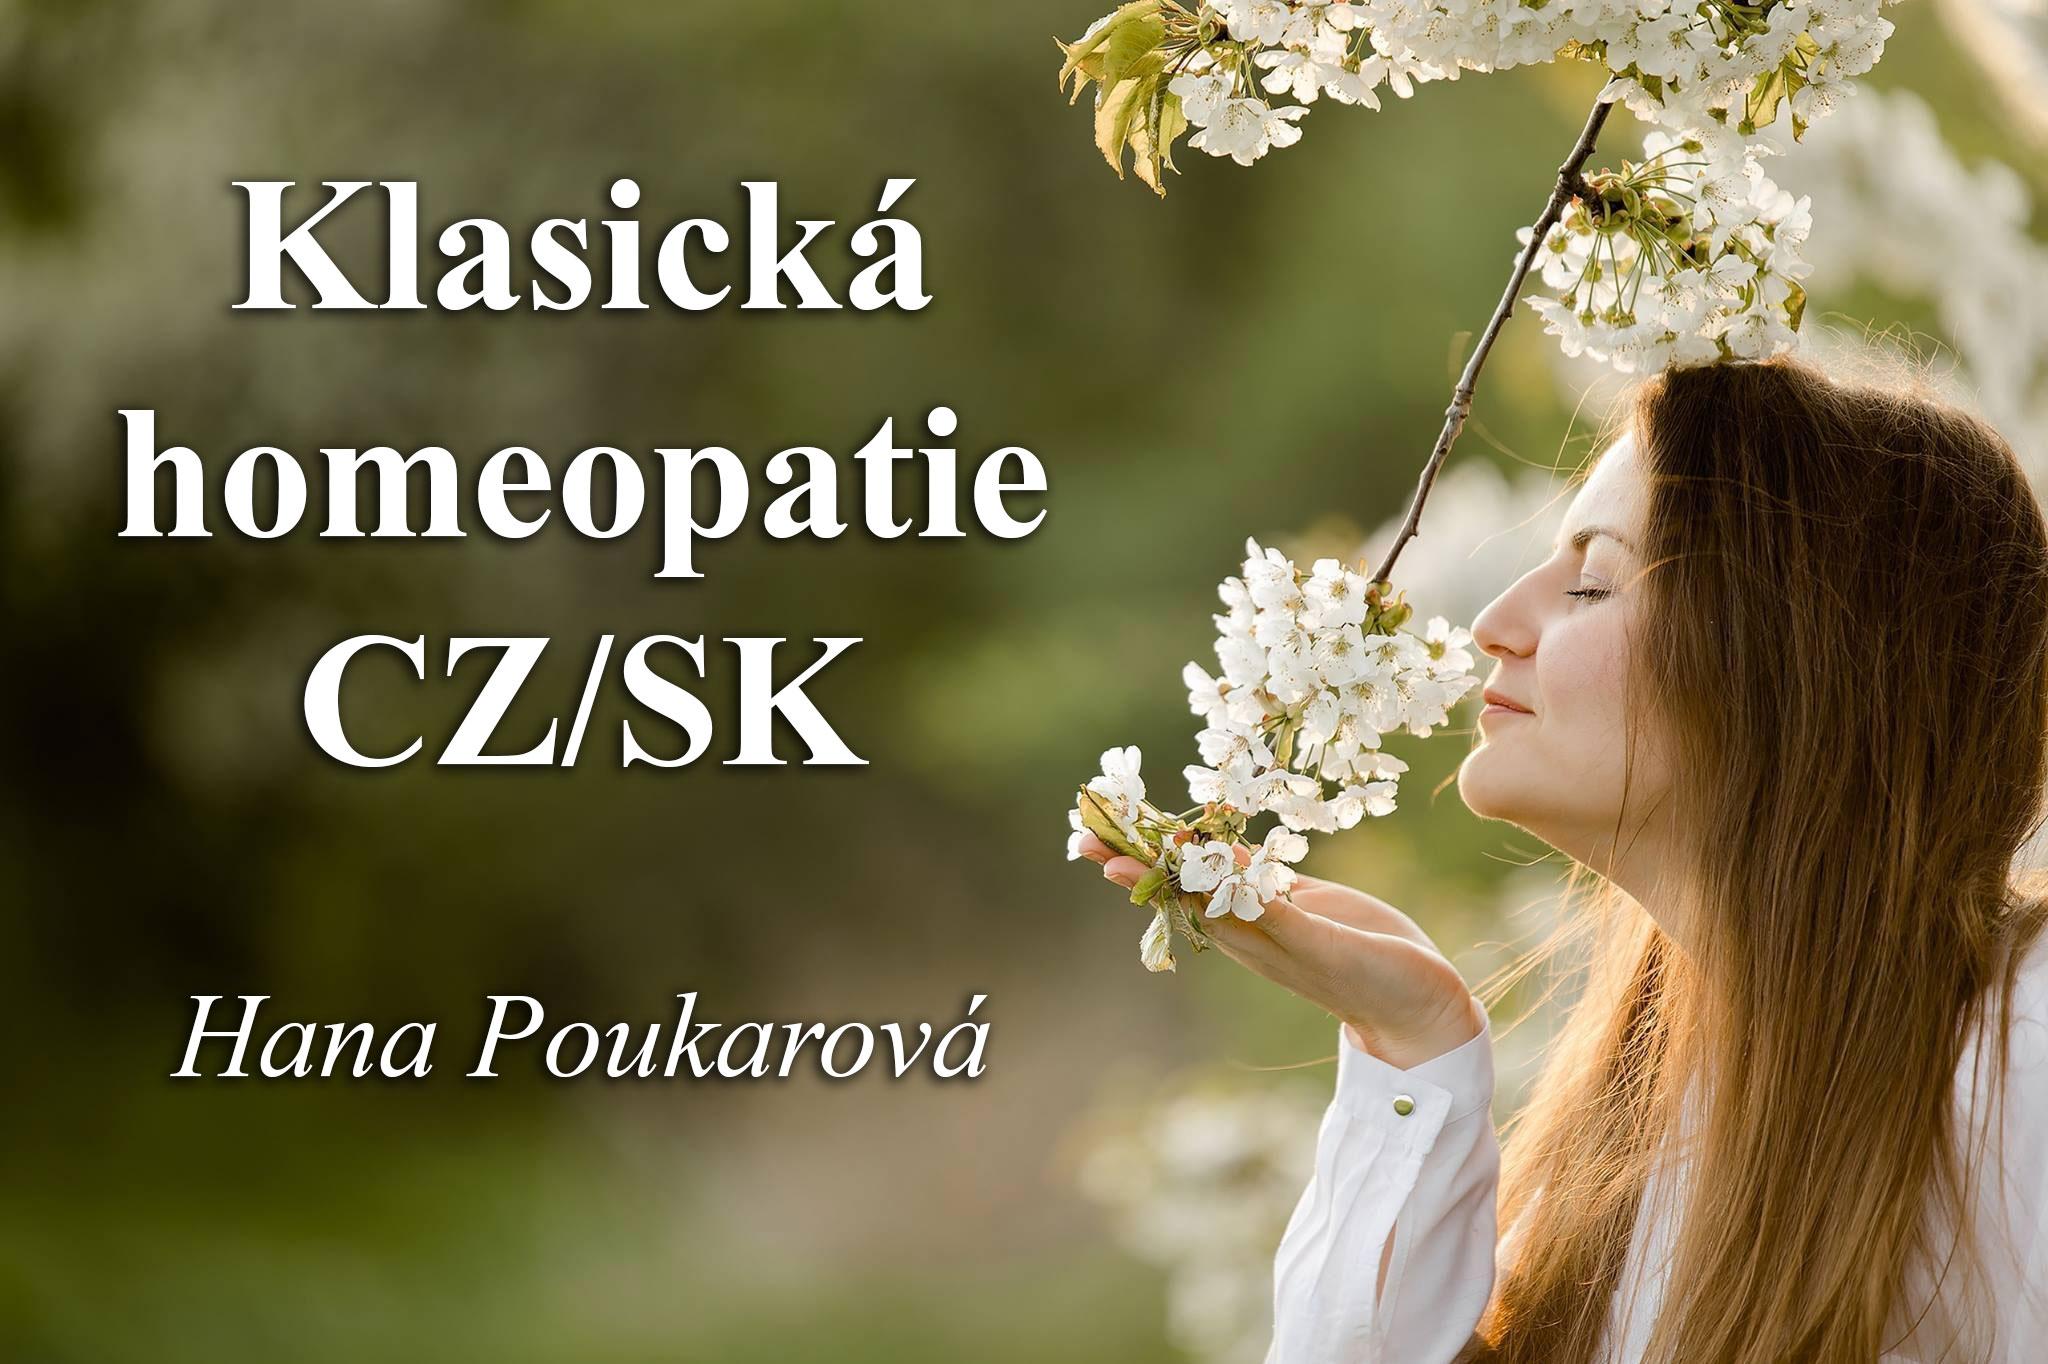 Klasická homeopatie CZ/SK - Hana Poukarová